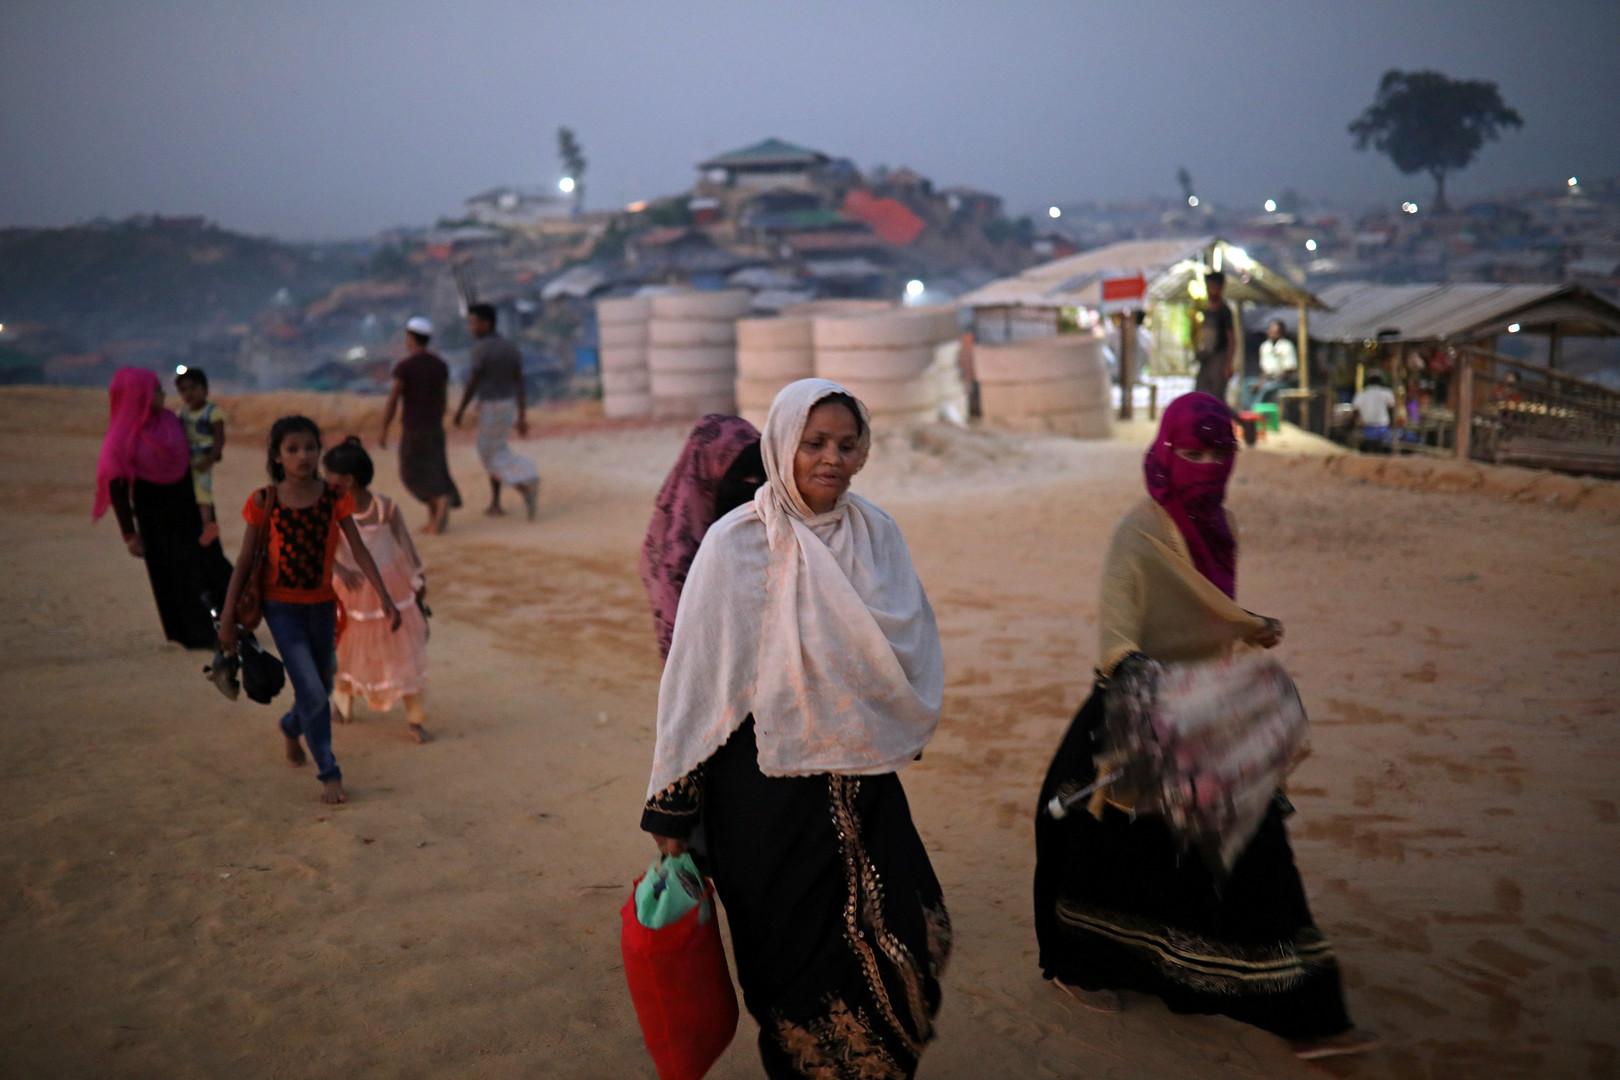 ميانمار ترفض تقريرا أمميا يدعو لحظر على تسليح جيشها مع عقوبات اقتصادية